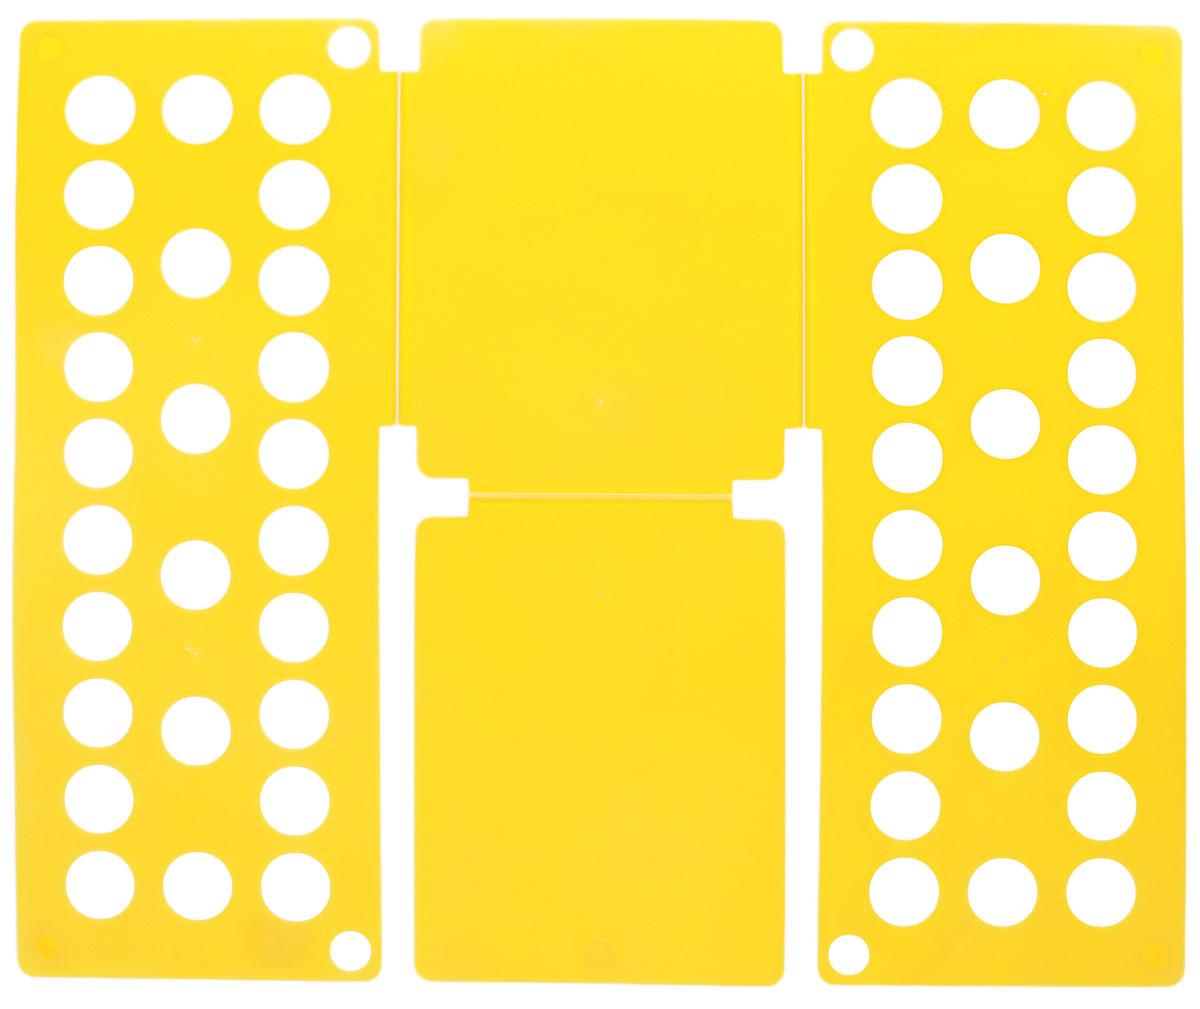 Приспособление для складывания детской одежды Sima-land, цвет: желтый1411846_желтыйПриспособление для складывания одежды Sima-land поможет навести порядок в вашем шкафу. С ним вы сможете быстро и аккуратно сложить вещи. Приспособление подходит для складывания полотенец, рубашек поло, вещей с короткими и длинными рукавами, футболок, штанов. Не подойдет для больших размеров одежды. Приспособление выполнено из качественного прочного пластика. Изделие компактно складывается и не занимает много места при хранении. Размер в сложенном виде: 40 х 16 см. Размер в разложенном виде: 48 х 40 см.